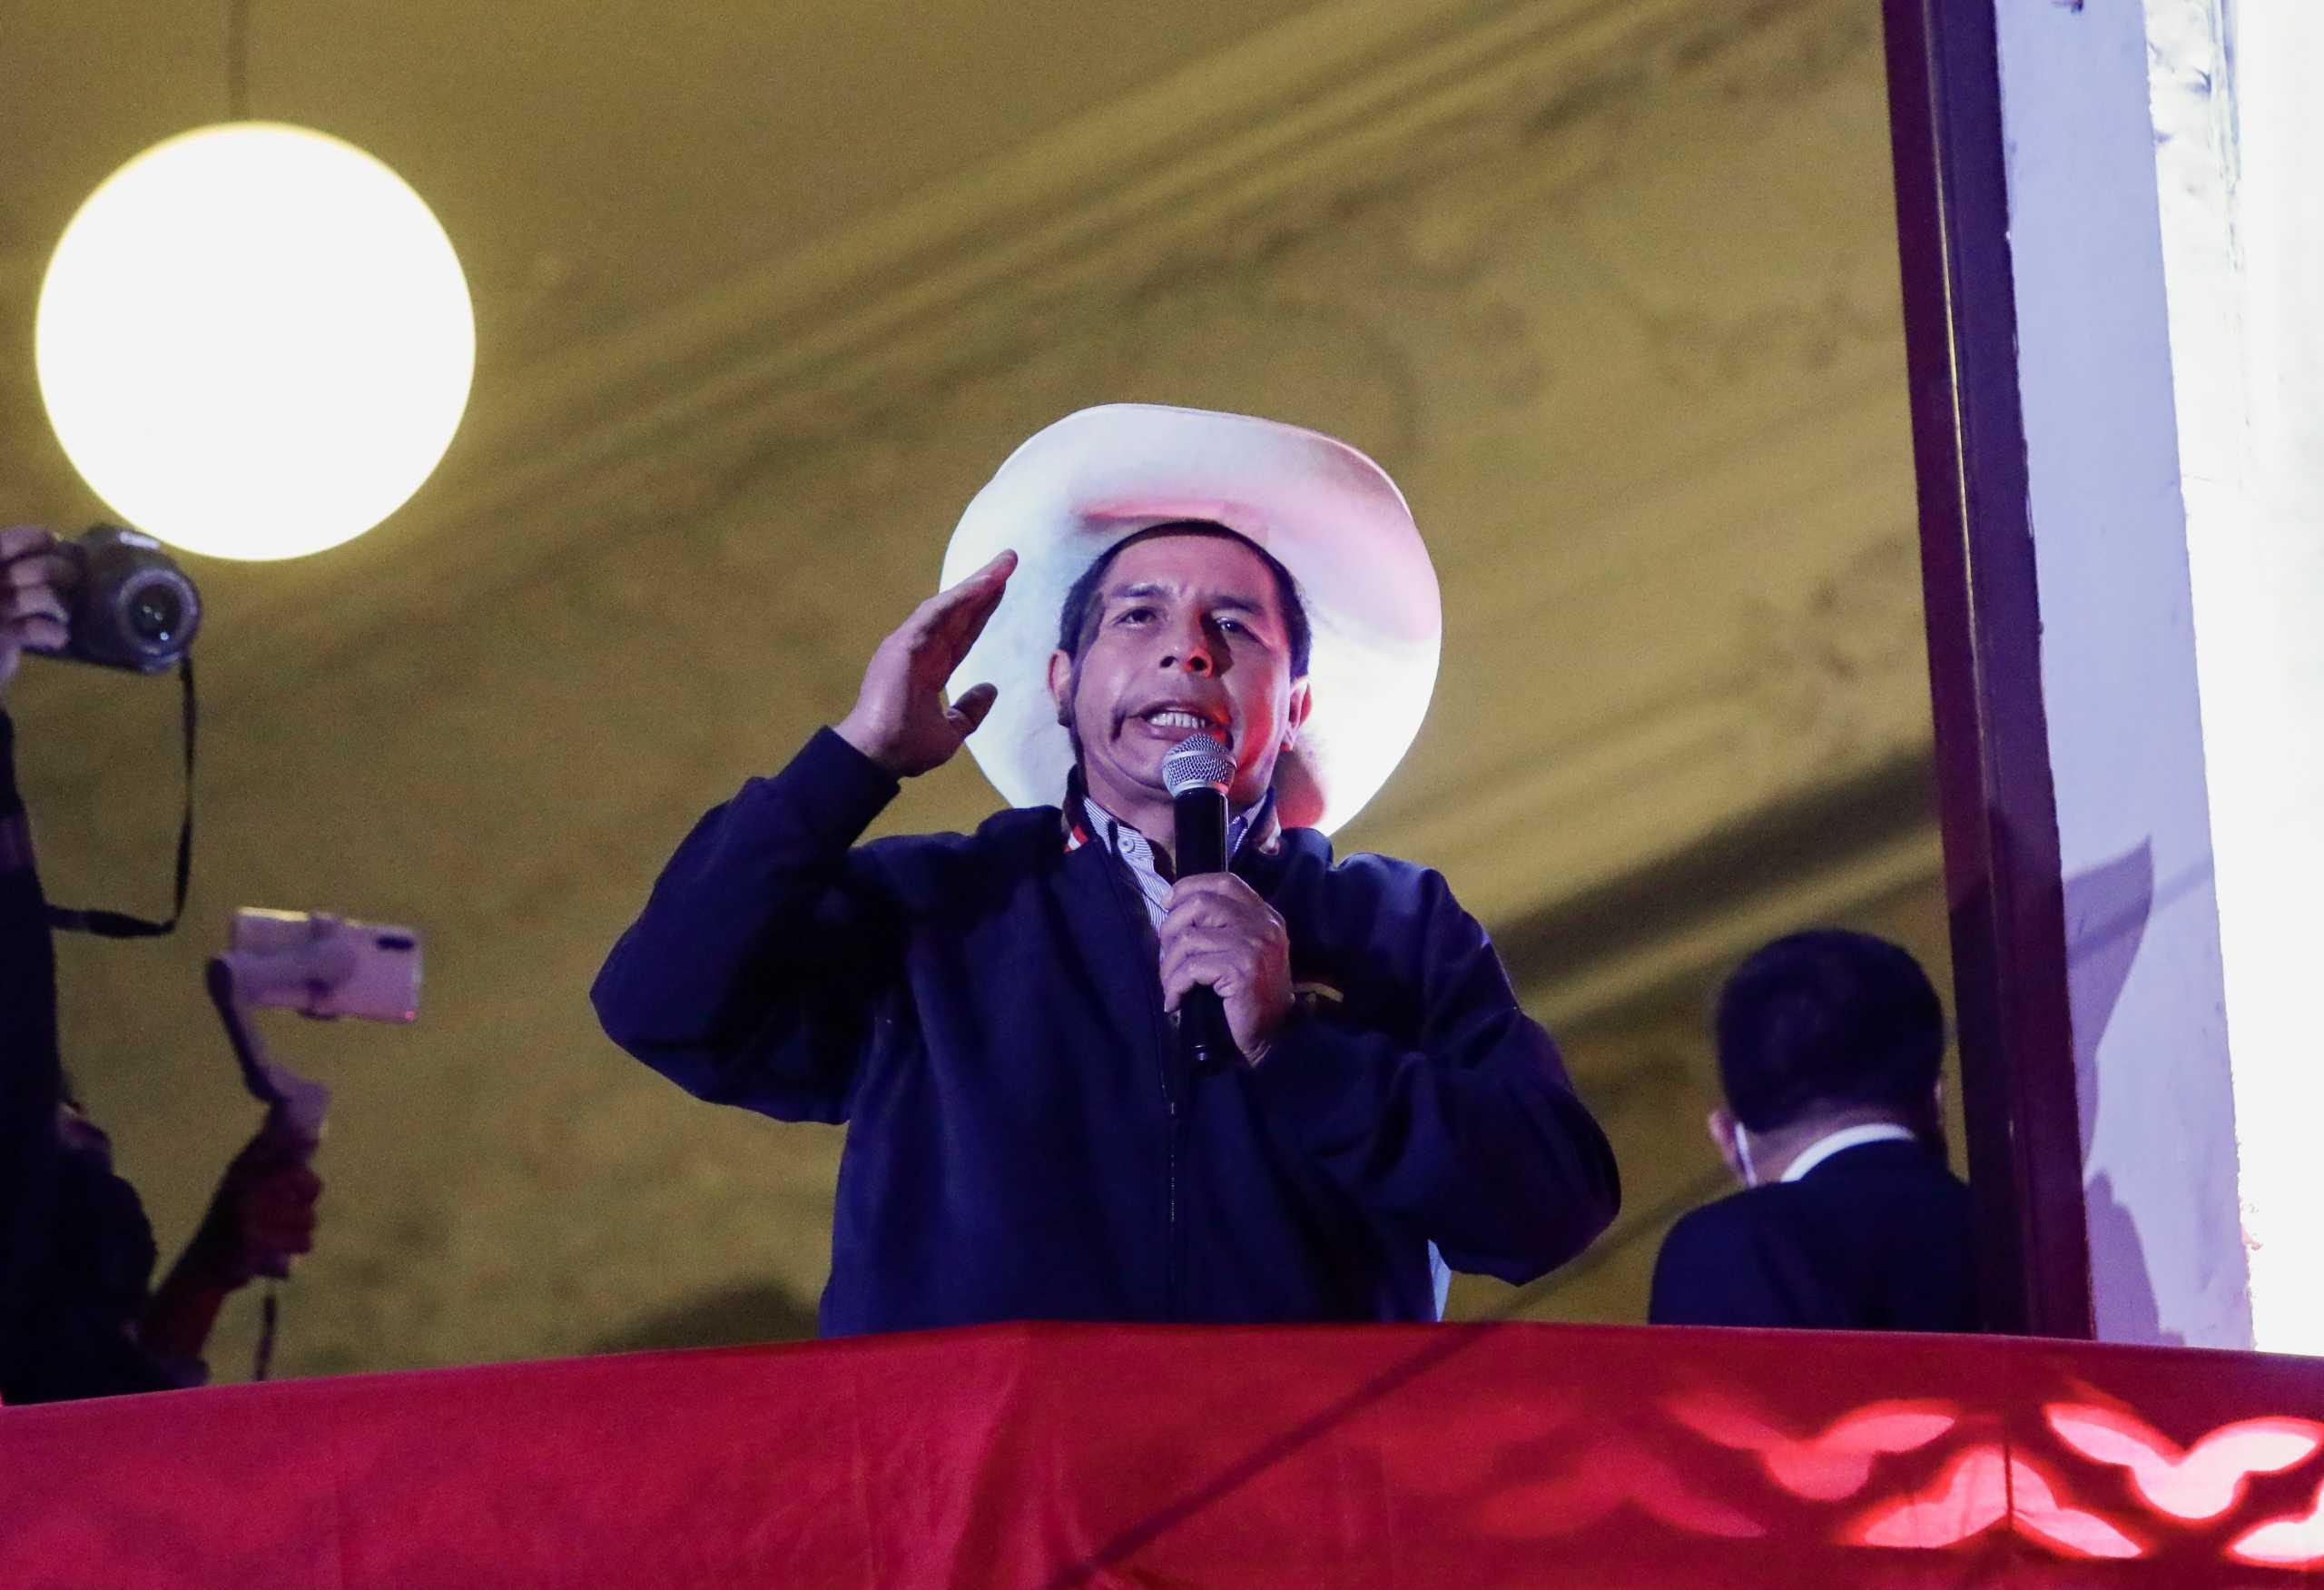 Περού: Παραιτήθηκε ο αρχηγός του Γενικού Επιτελείου Εθνικής Άμυνας μετά τη νίκη του Καστίγιο